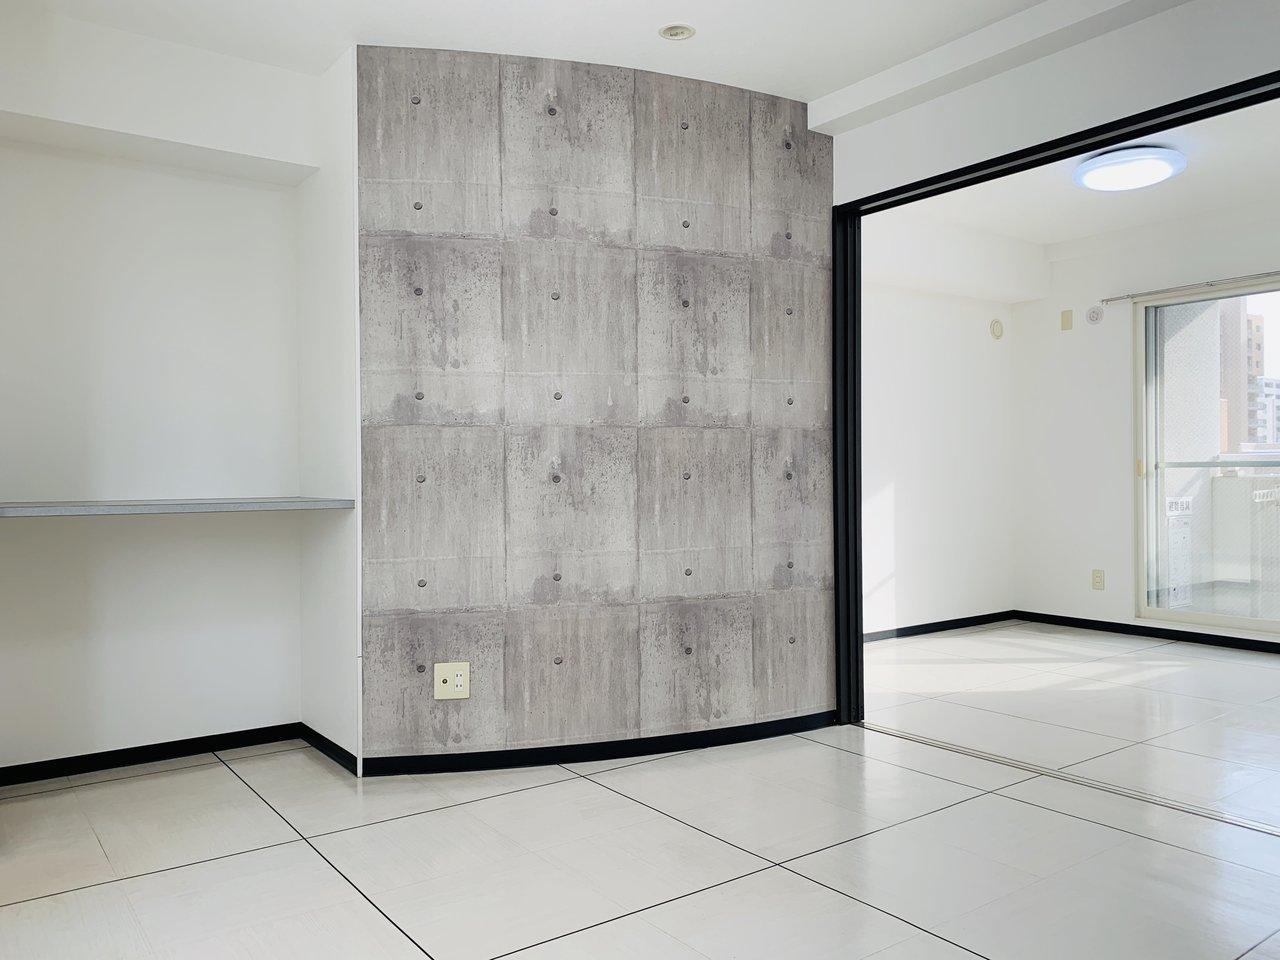 仕切り戸を開け放せば、大きくL字型になる1LDKのお部屋。L字型なので扉を開放していても寝室側のスペースはあまり気にならないかも。白いタイルが清潔感のある、シンプルなお部屋です。